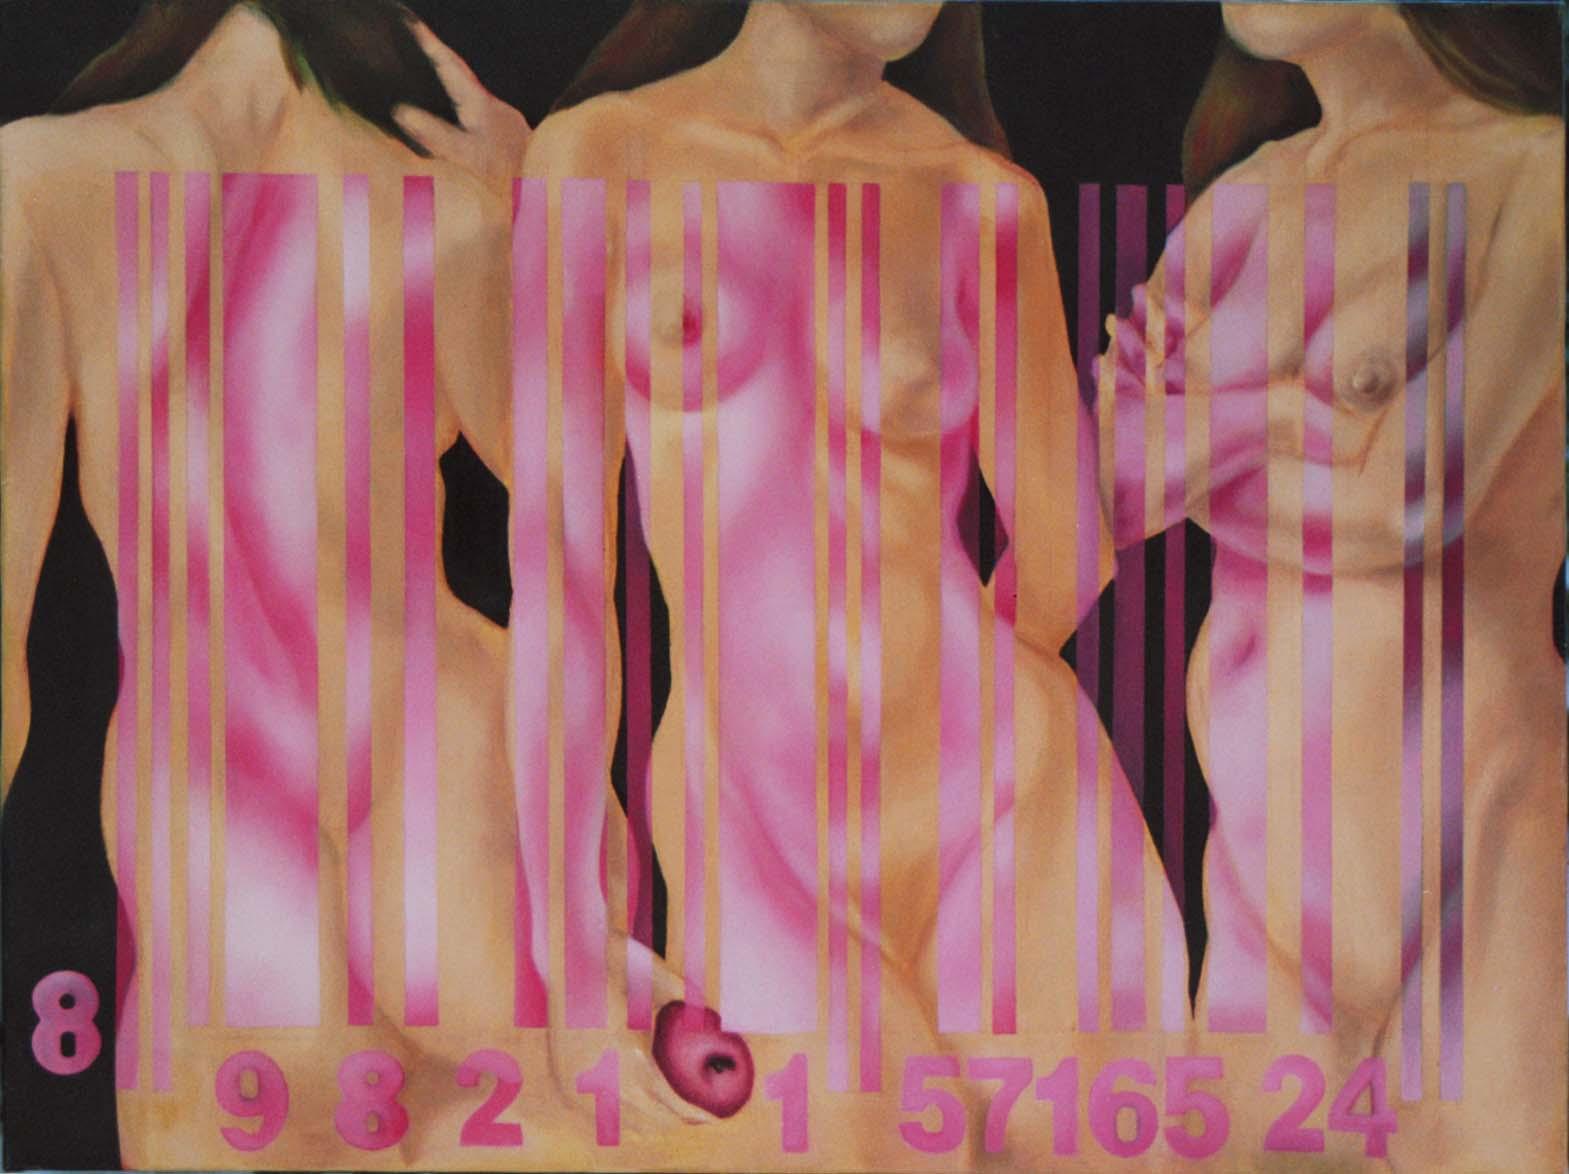 6-üçgüzeller1 ,three graces,las tres graices100x81 tuv.üst.yboya, oil on canvas,óleo sobre tela.jpg